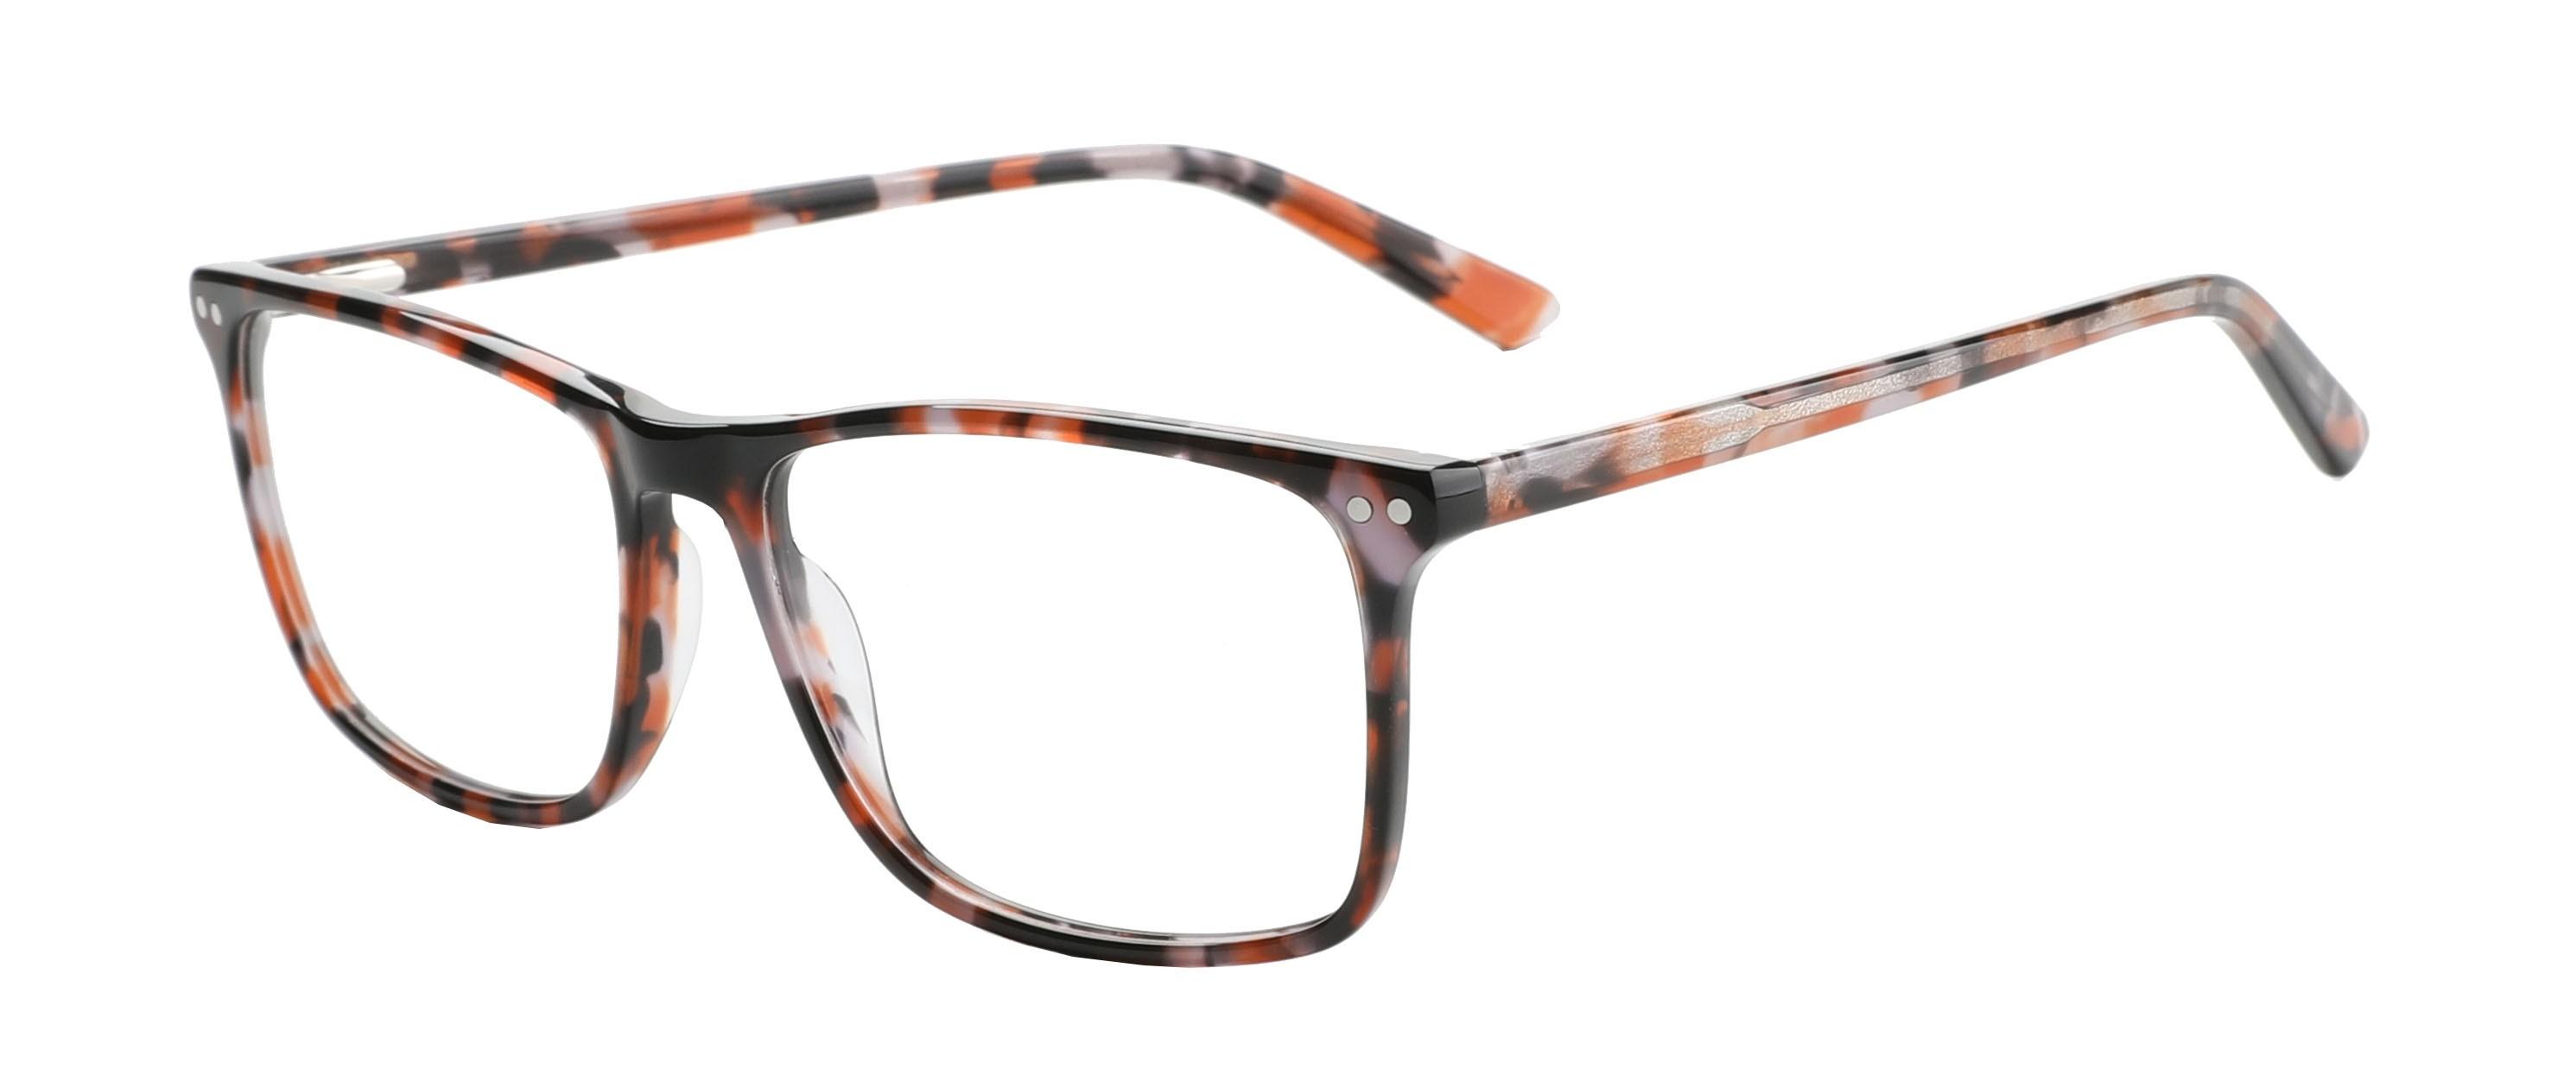 David triple color sinise valguse prillid